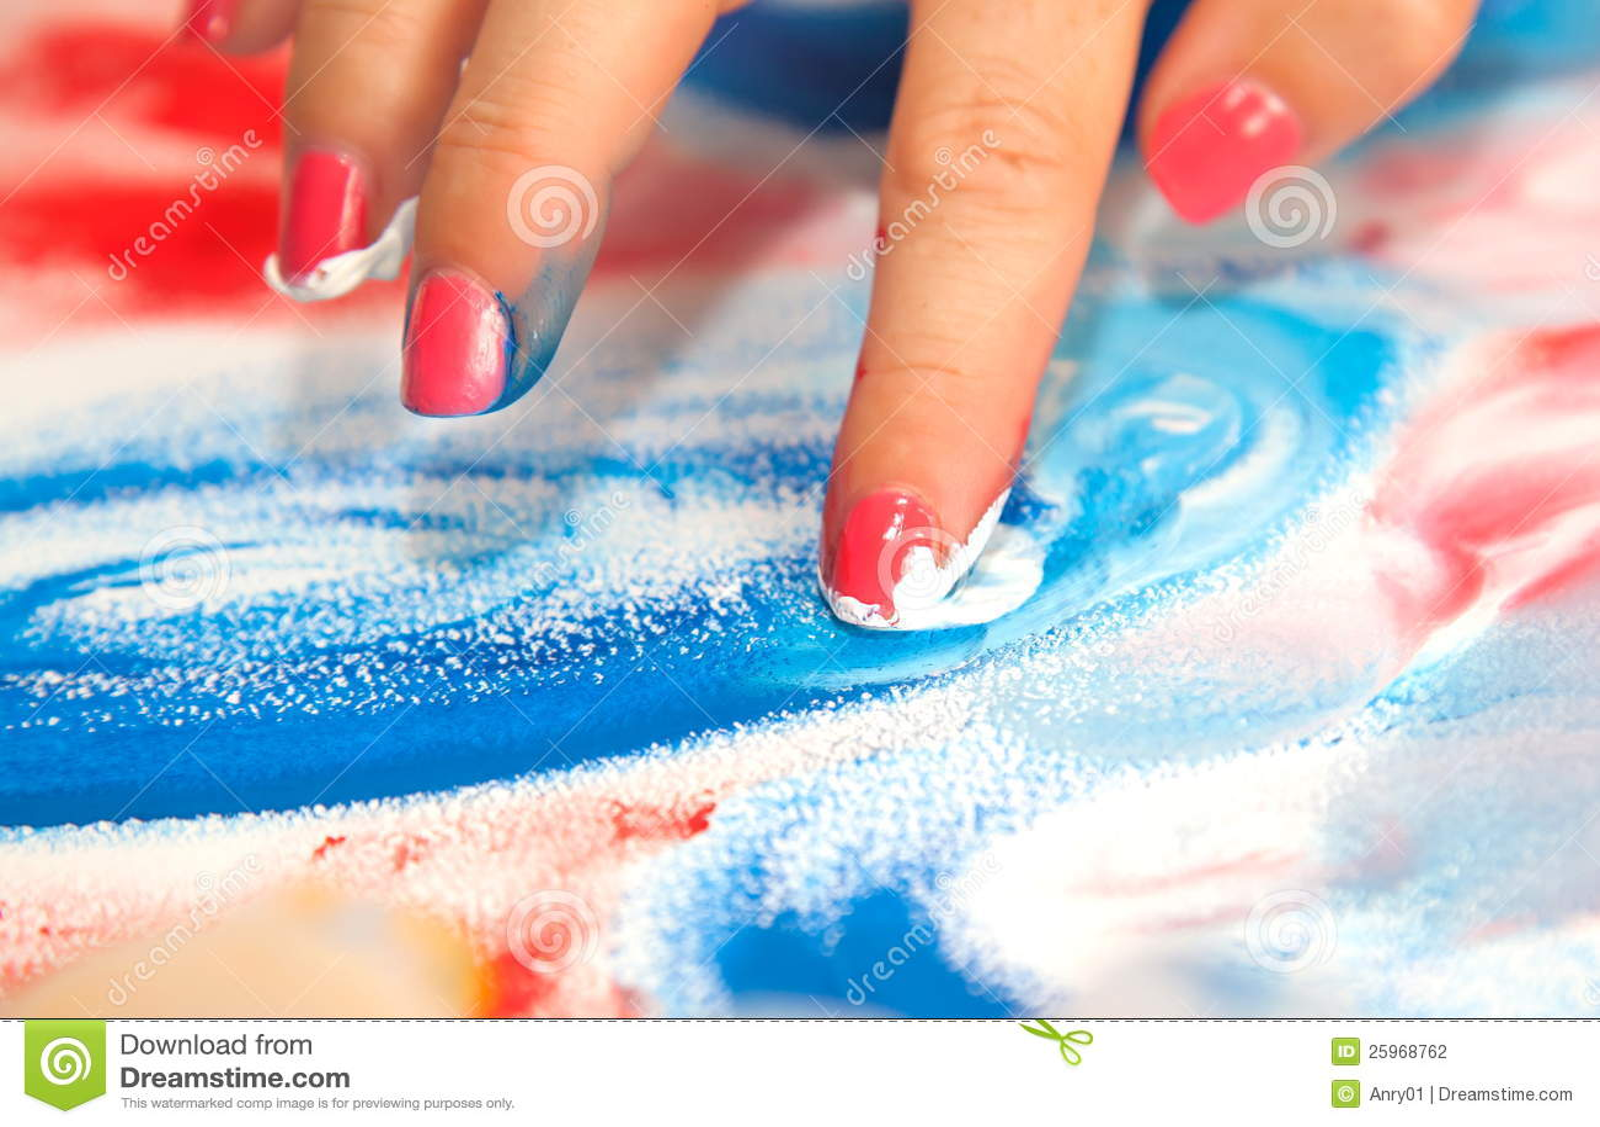 Jag tecknar dina fingrar